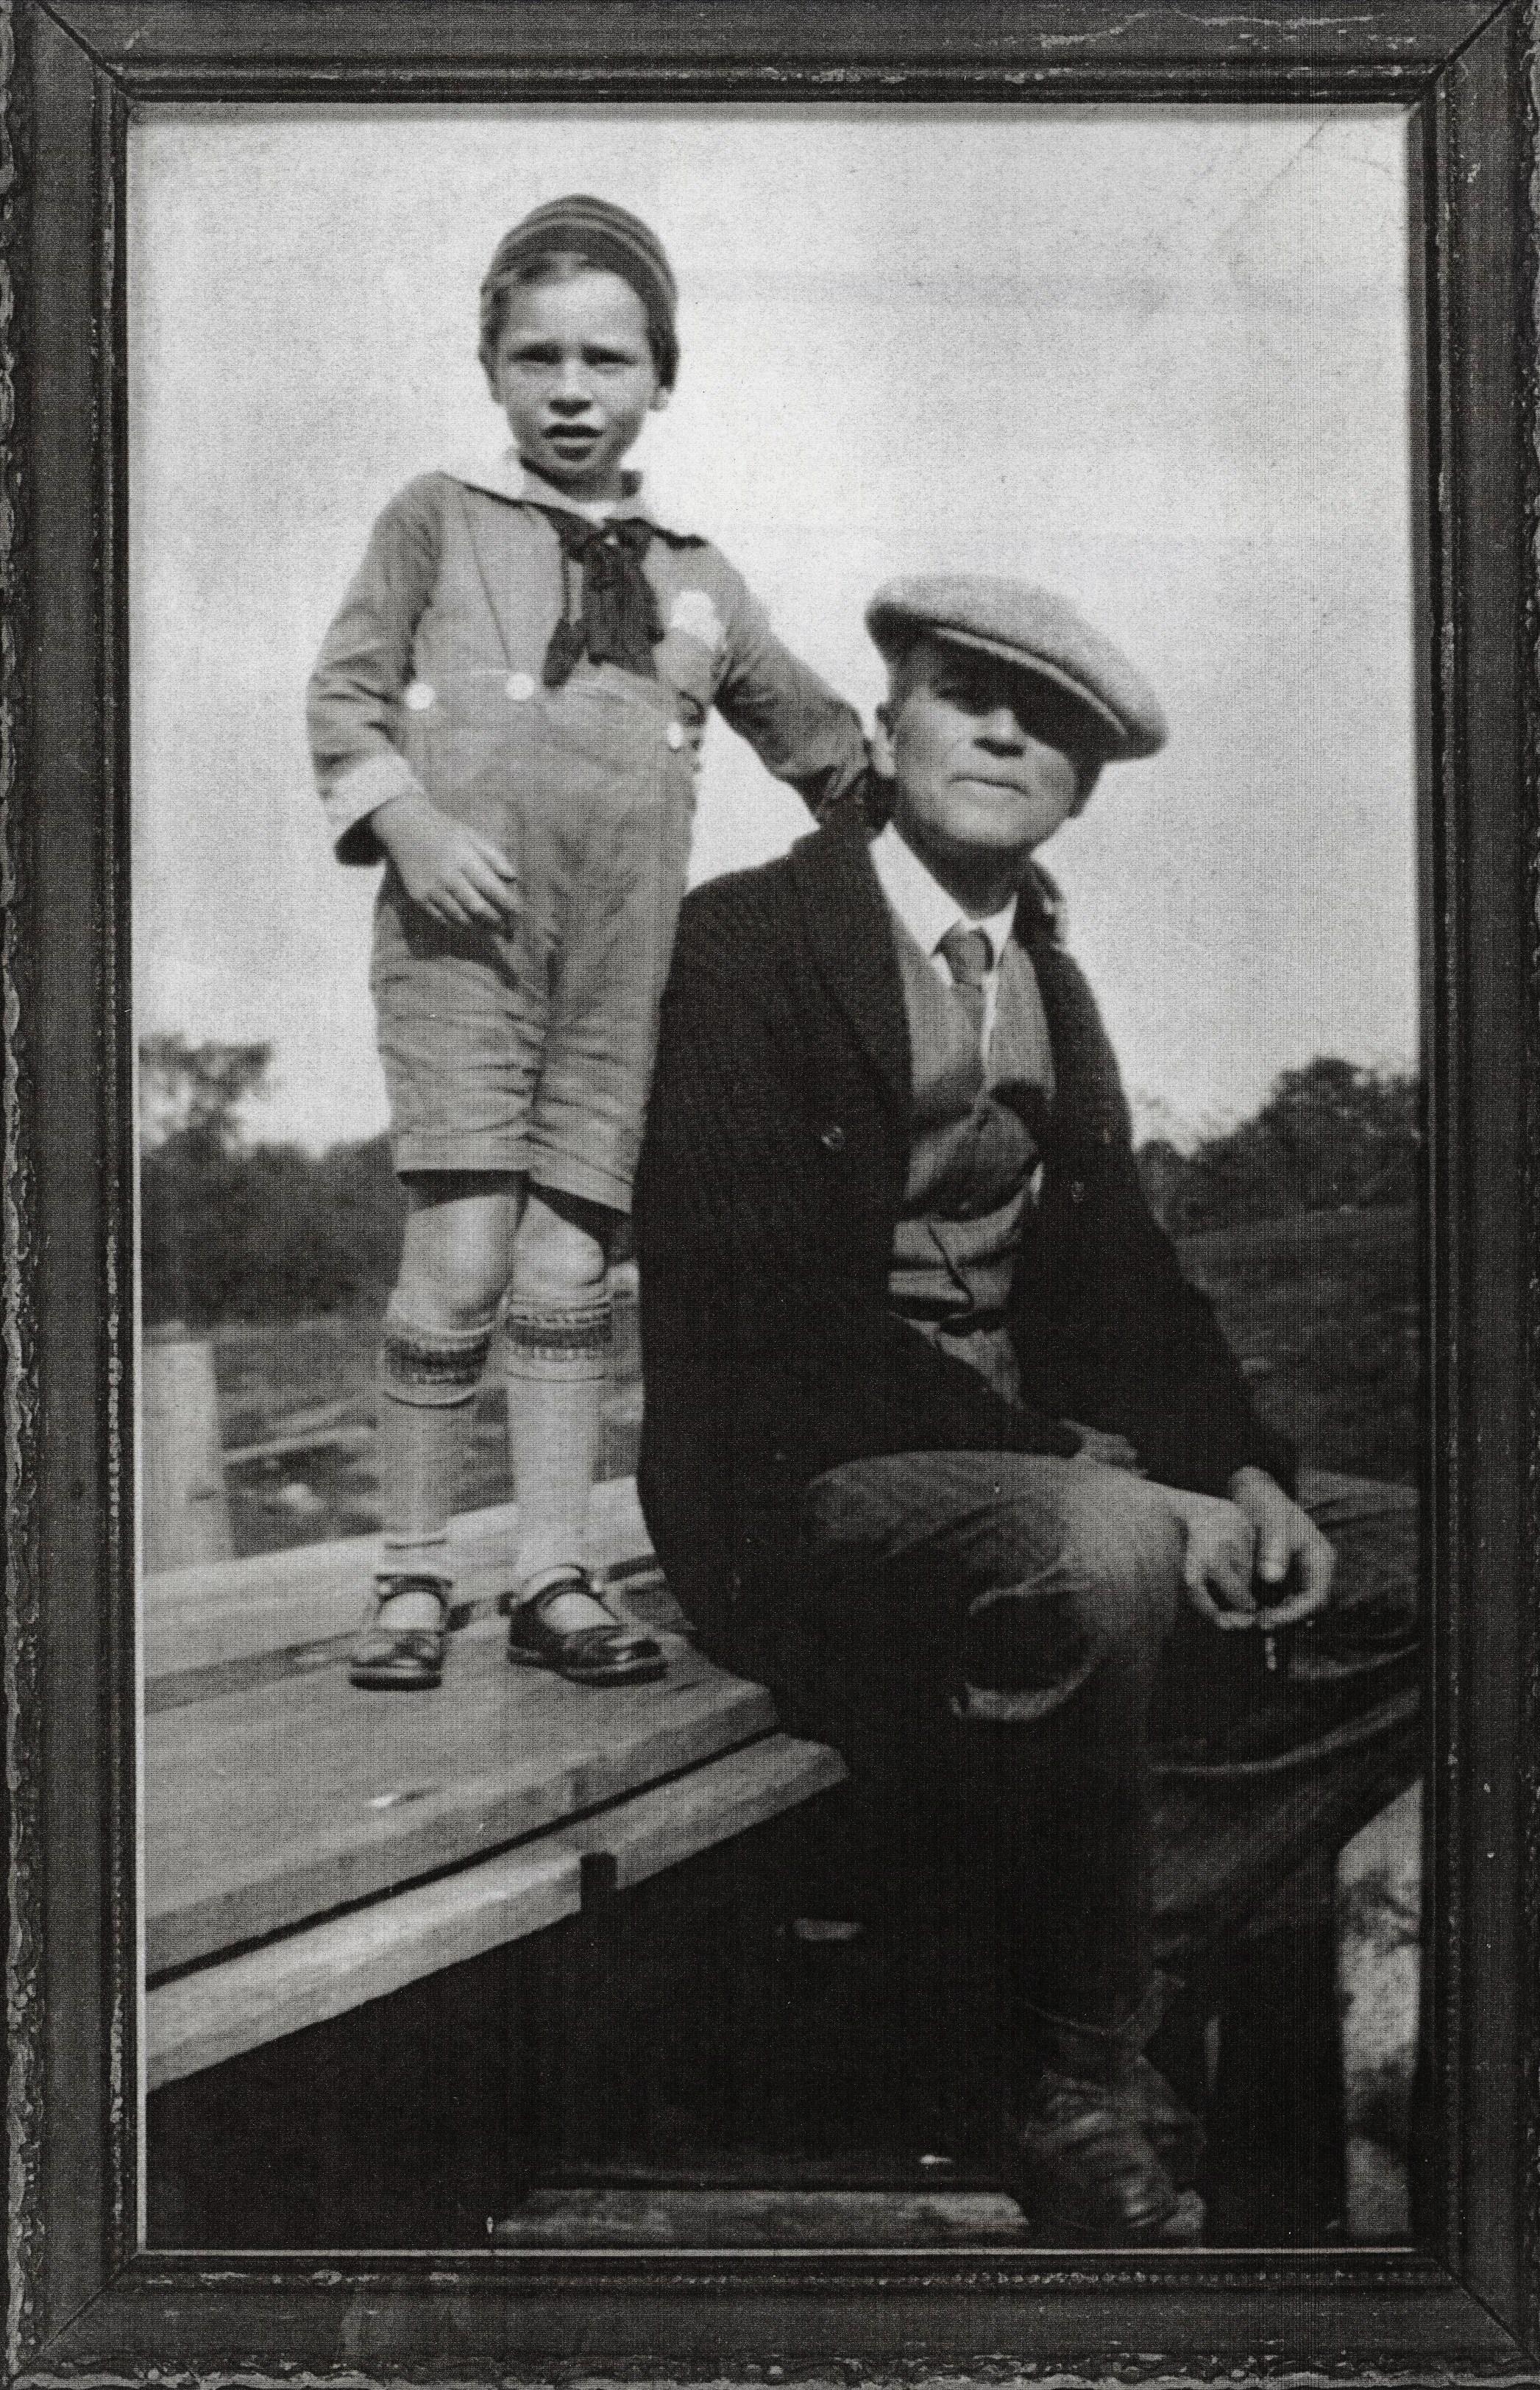 Jim Marett & father F.N. Marett 1929